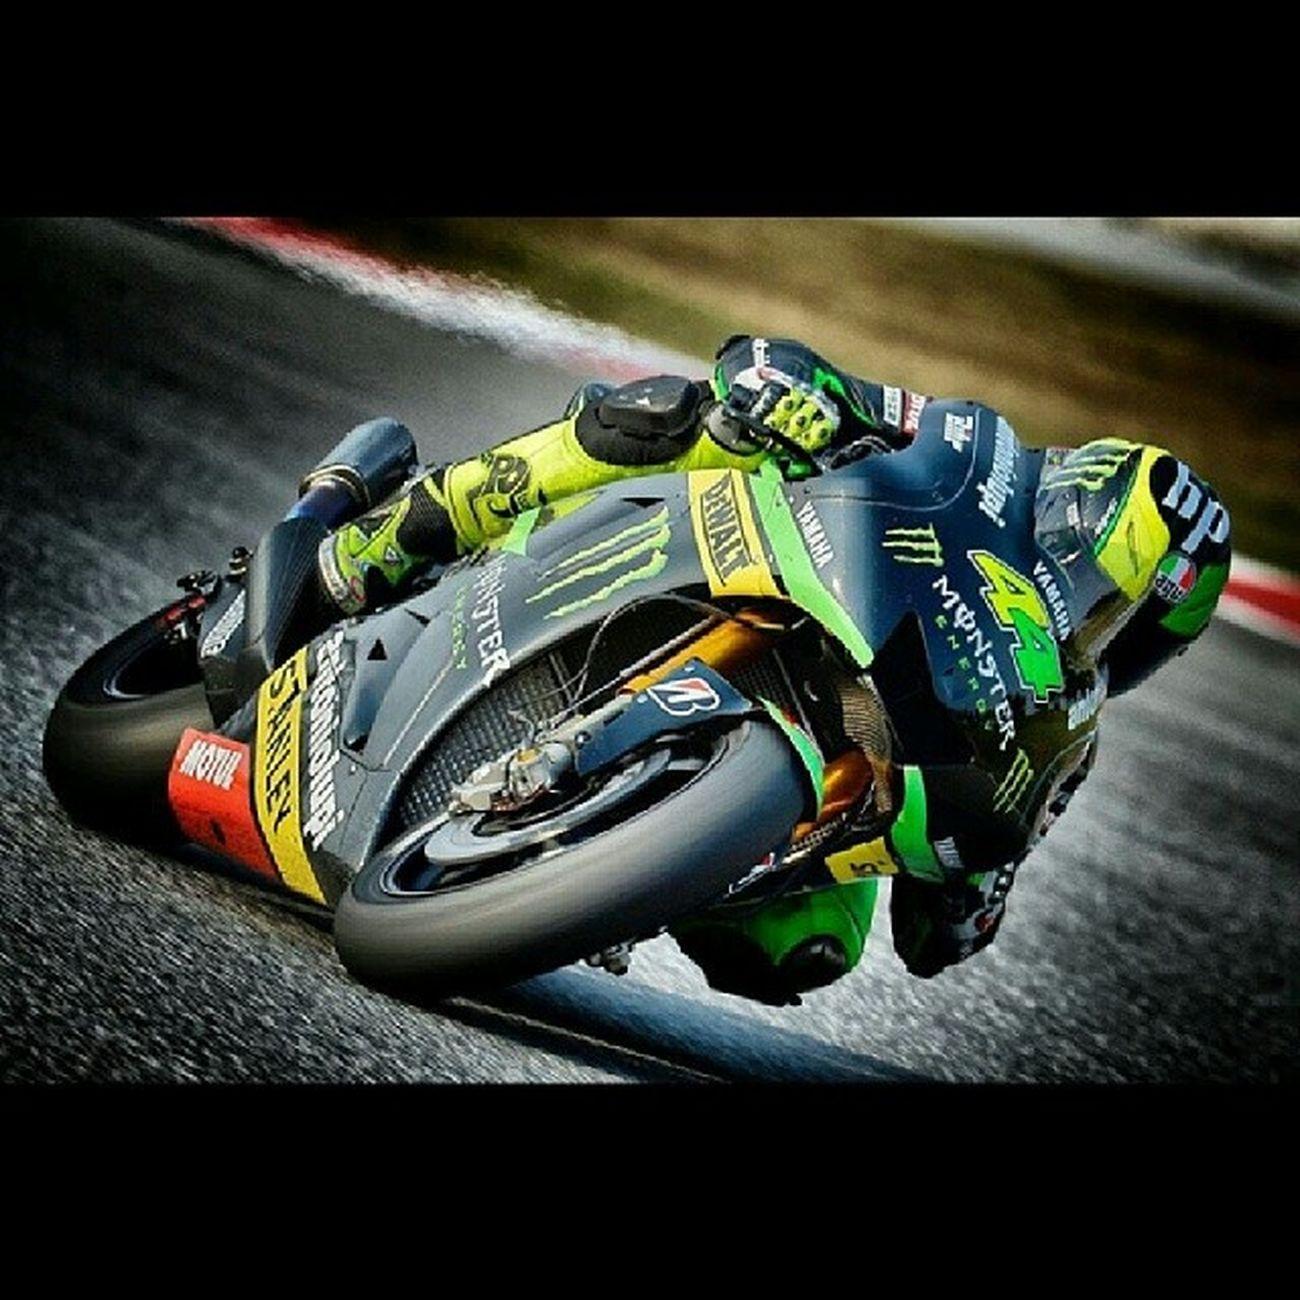 Fotón de @polespargaro Motogp Tech3 Yamaha Sepang 2014